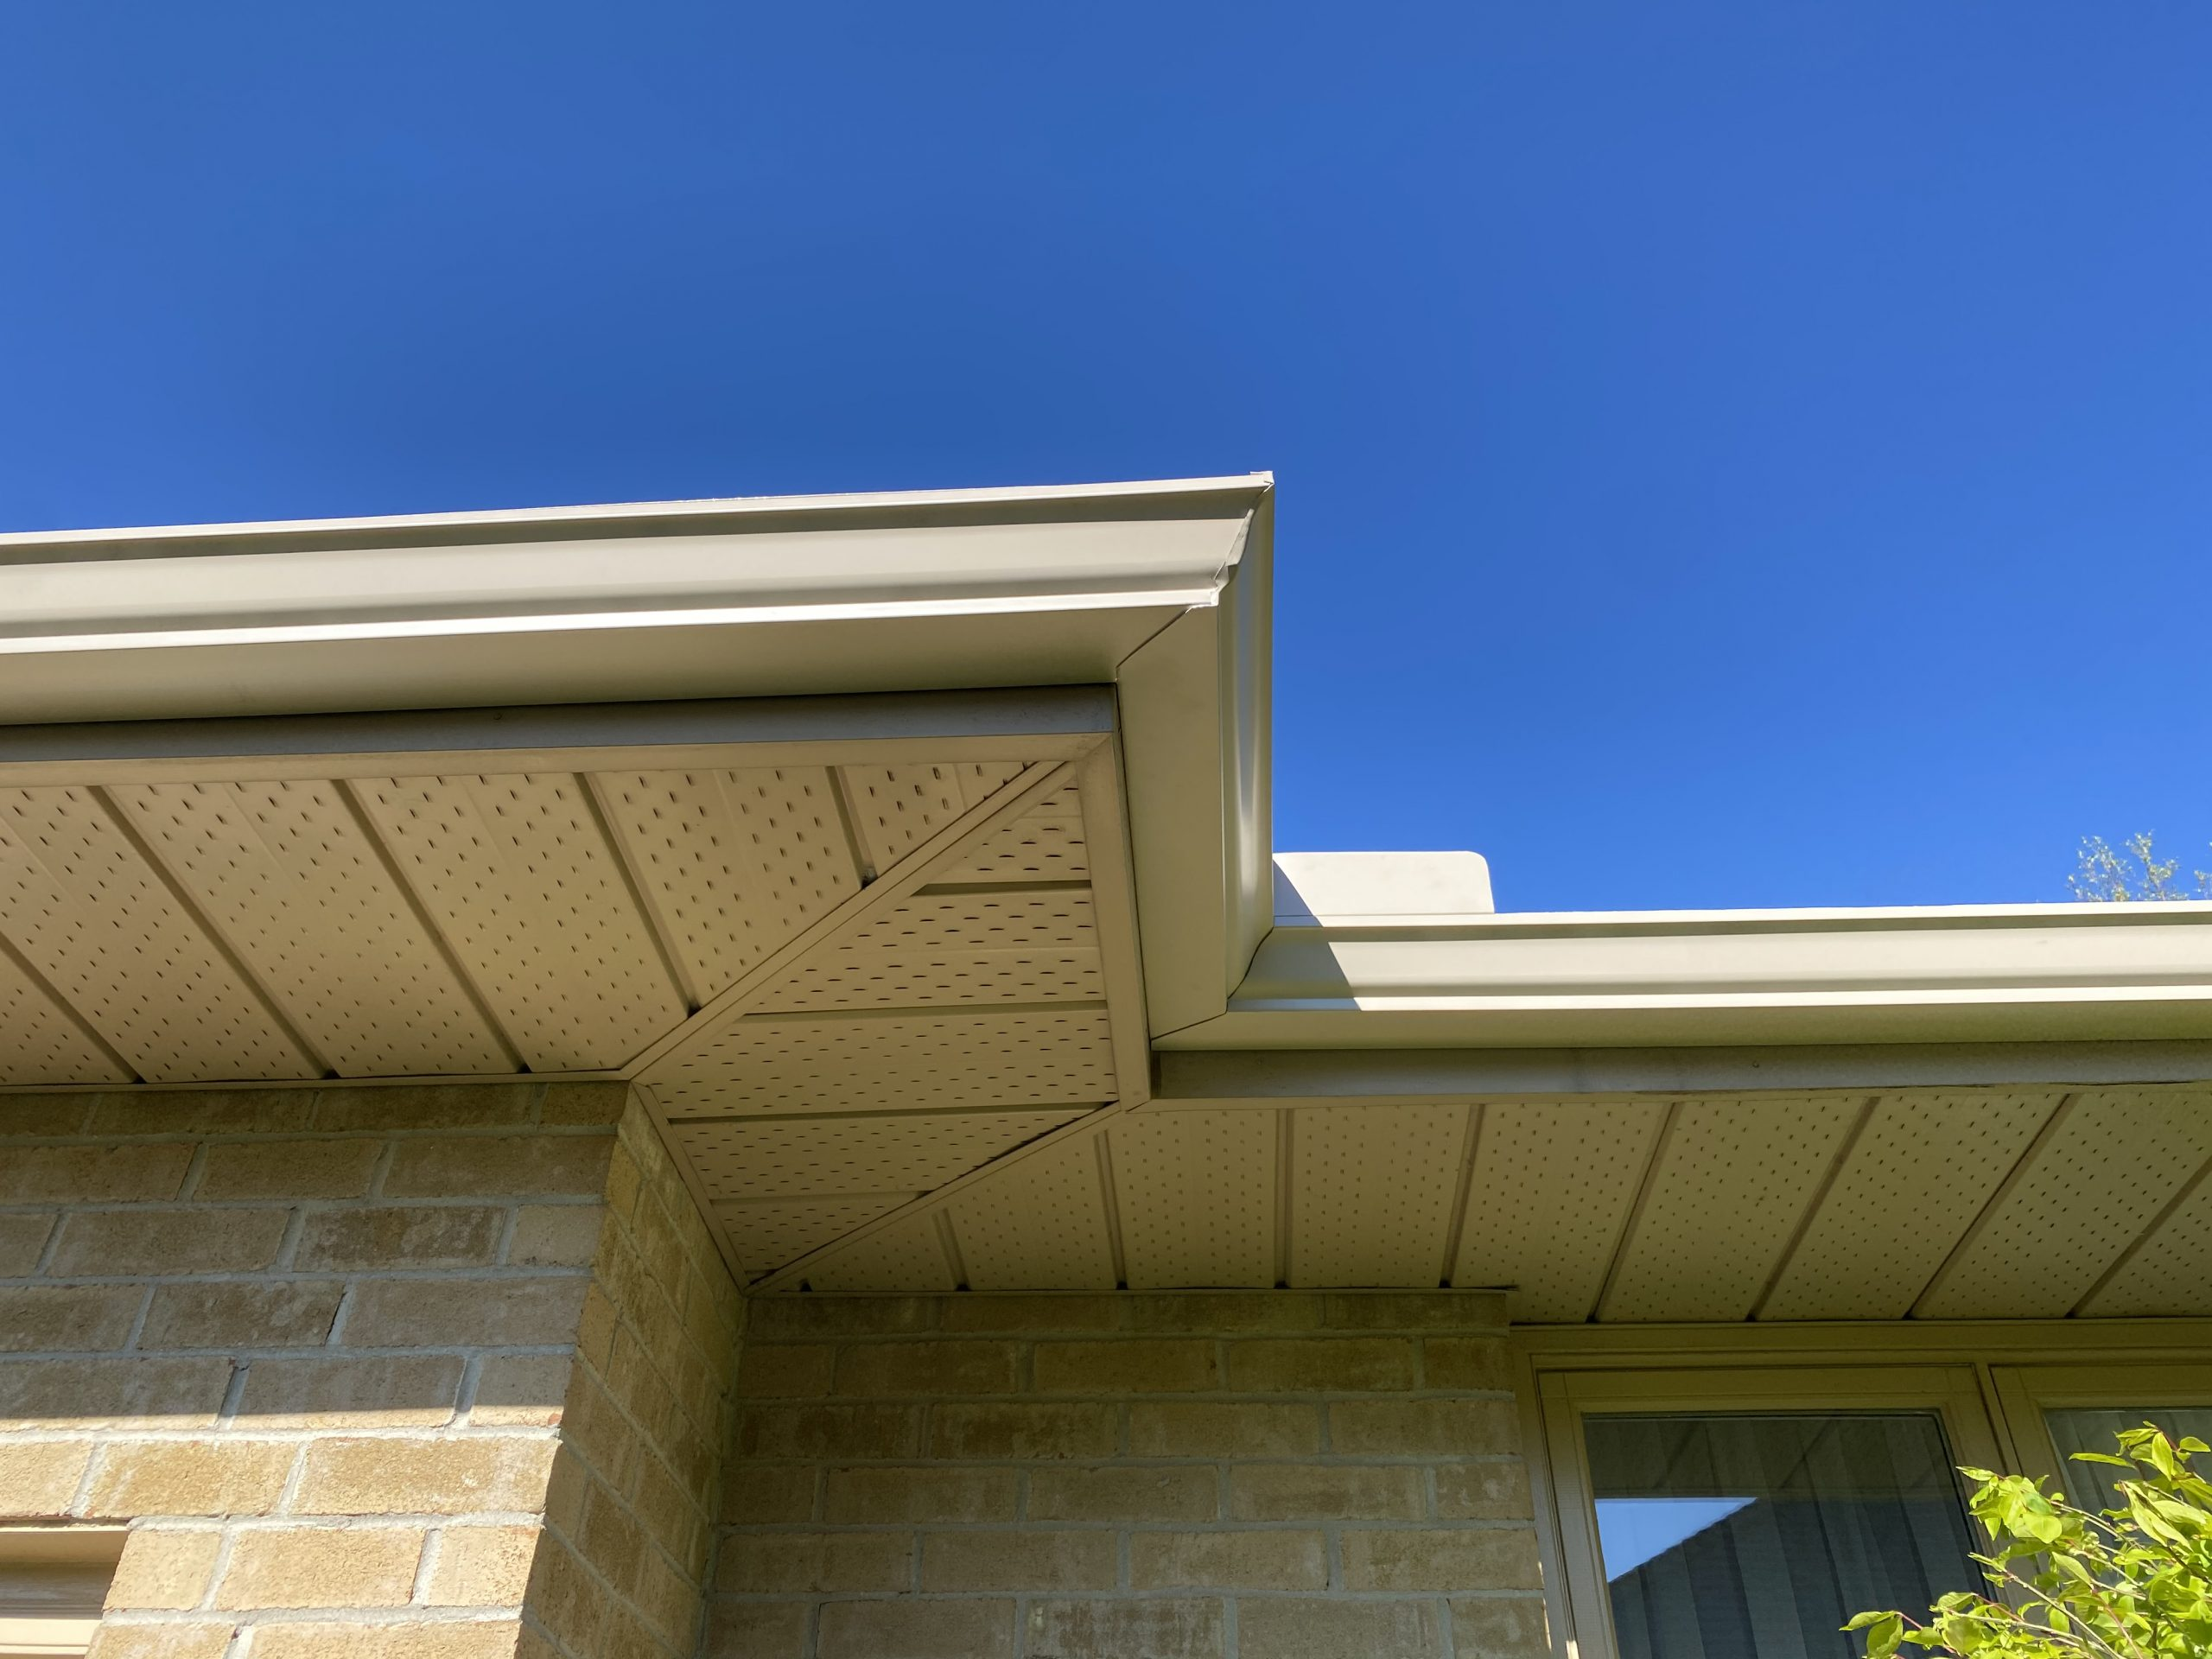 eavestrough framing roofline looking up below soffit